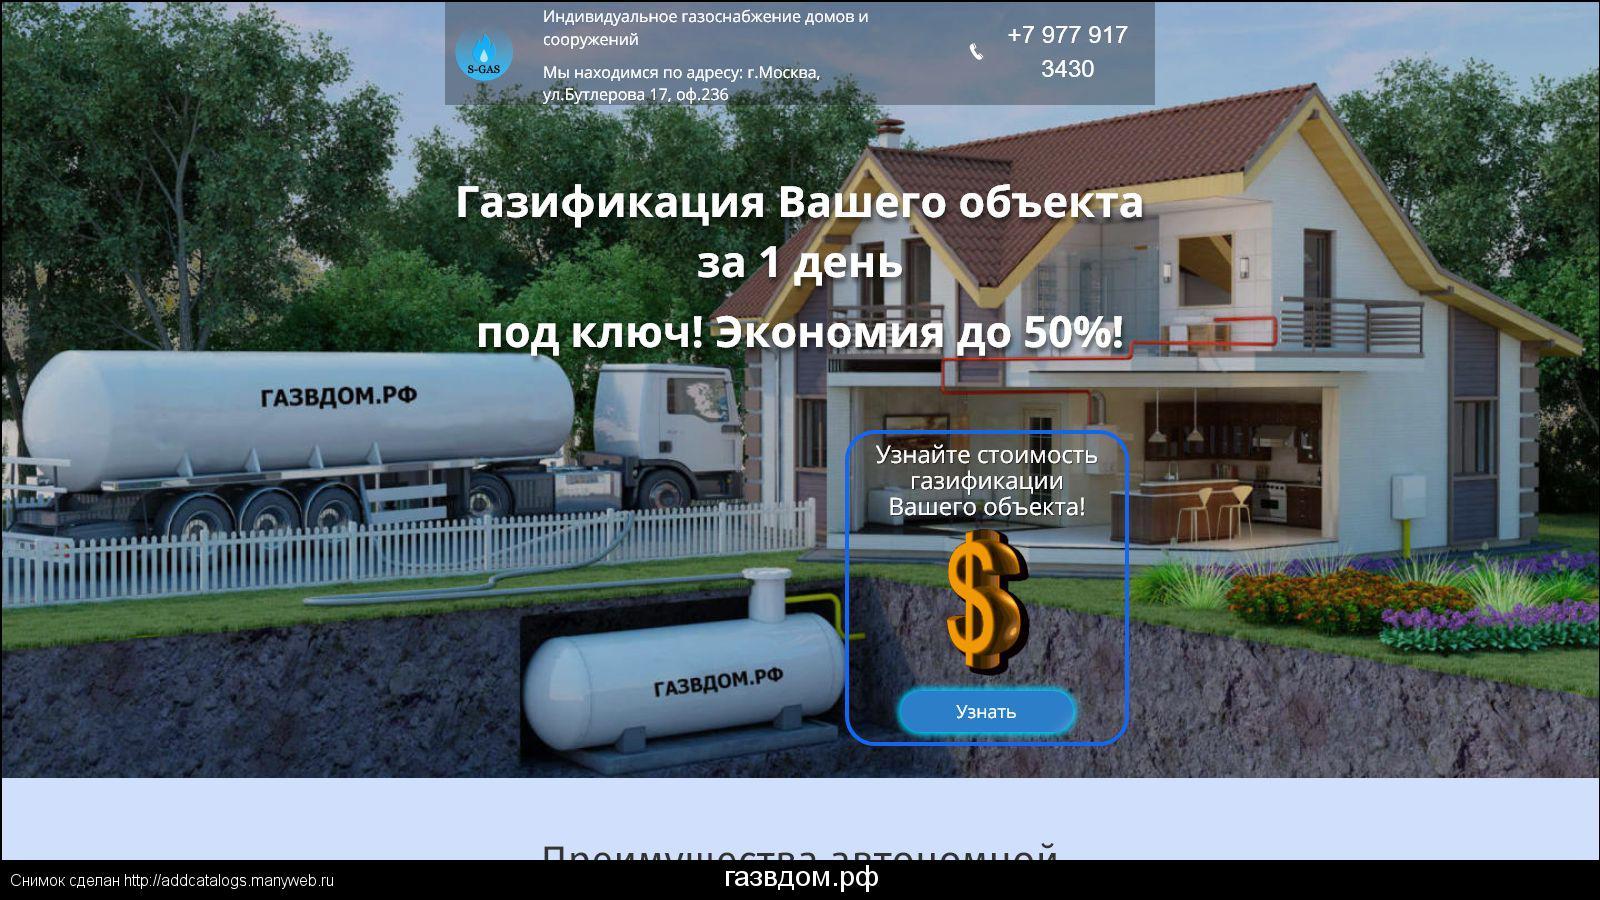 Автономное газоснабжение частного (загородного) дома газовым котлом от баллона на 50 литров: все нюансы